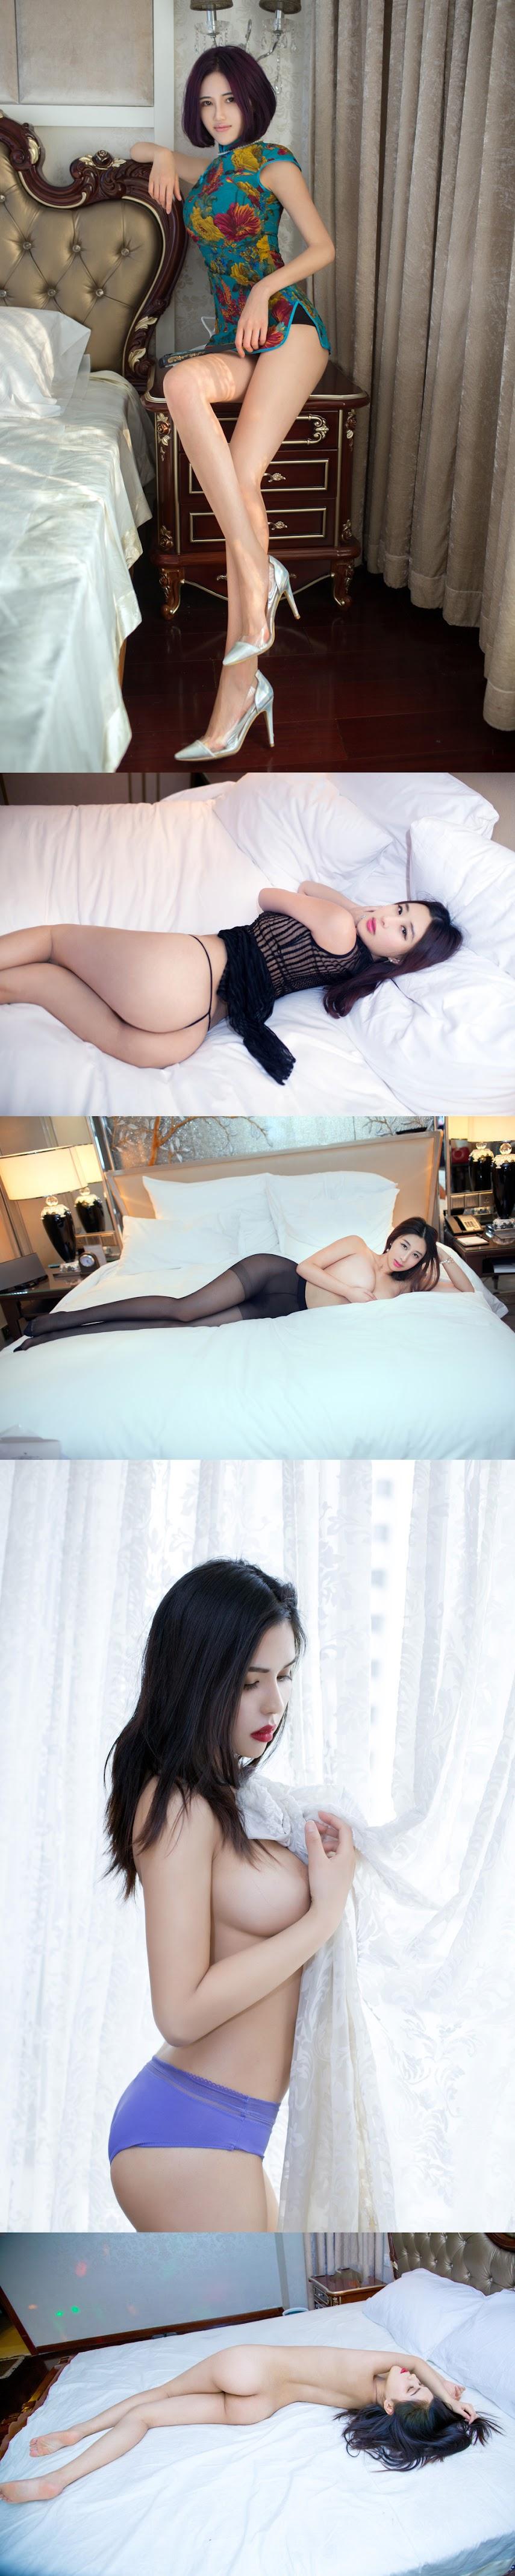 TuiGirl 52 王俪丁 sexy girls image jav